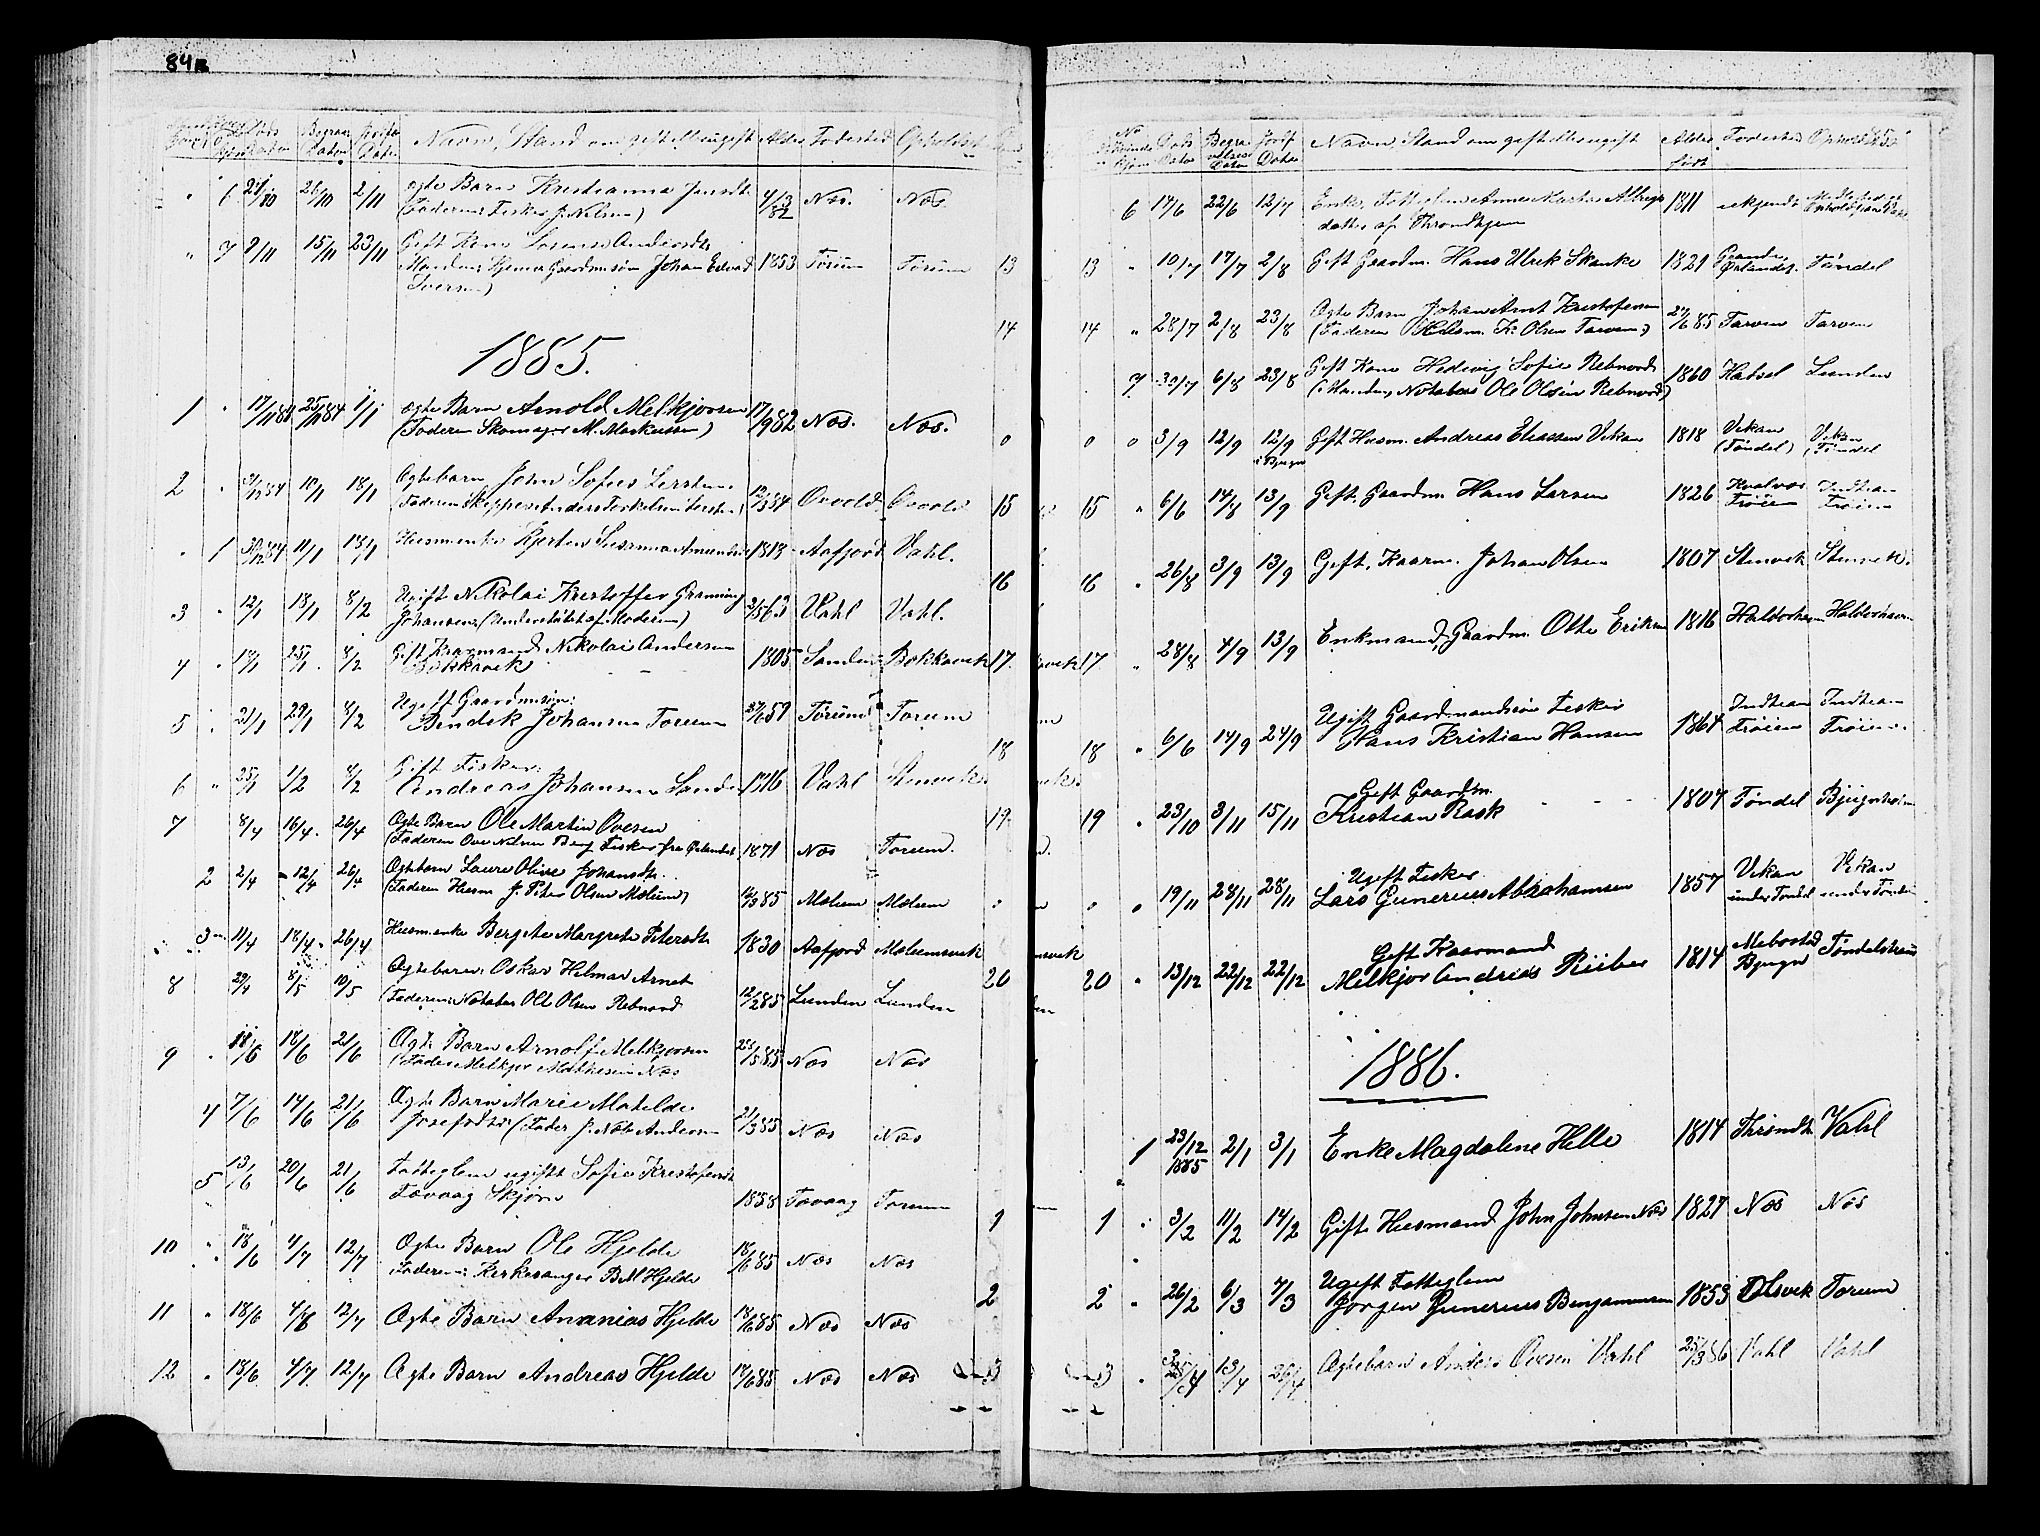 SAT, Ministerialprotokoller, klokkerbøker og fødselsregistre - Sør-Trøndelag, 652/L0653: Klokkerbok nr. 652C01, 1866-1910, s. 85